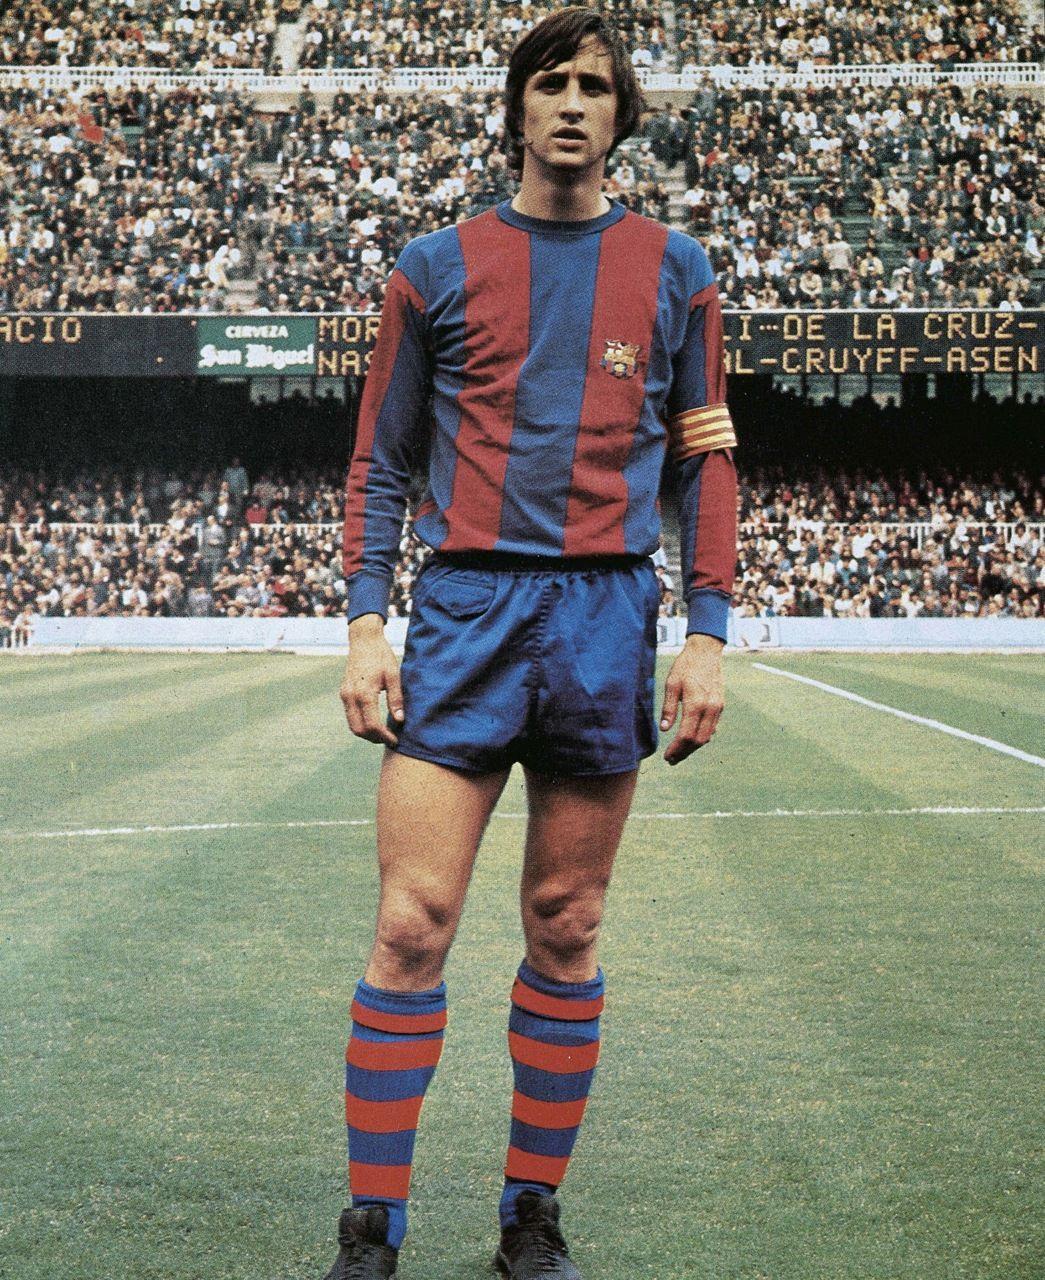 Resultado de imagem para barcelona fc 1970 cruyff